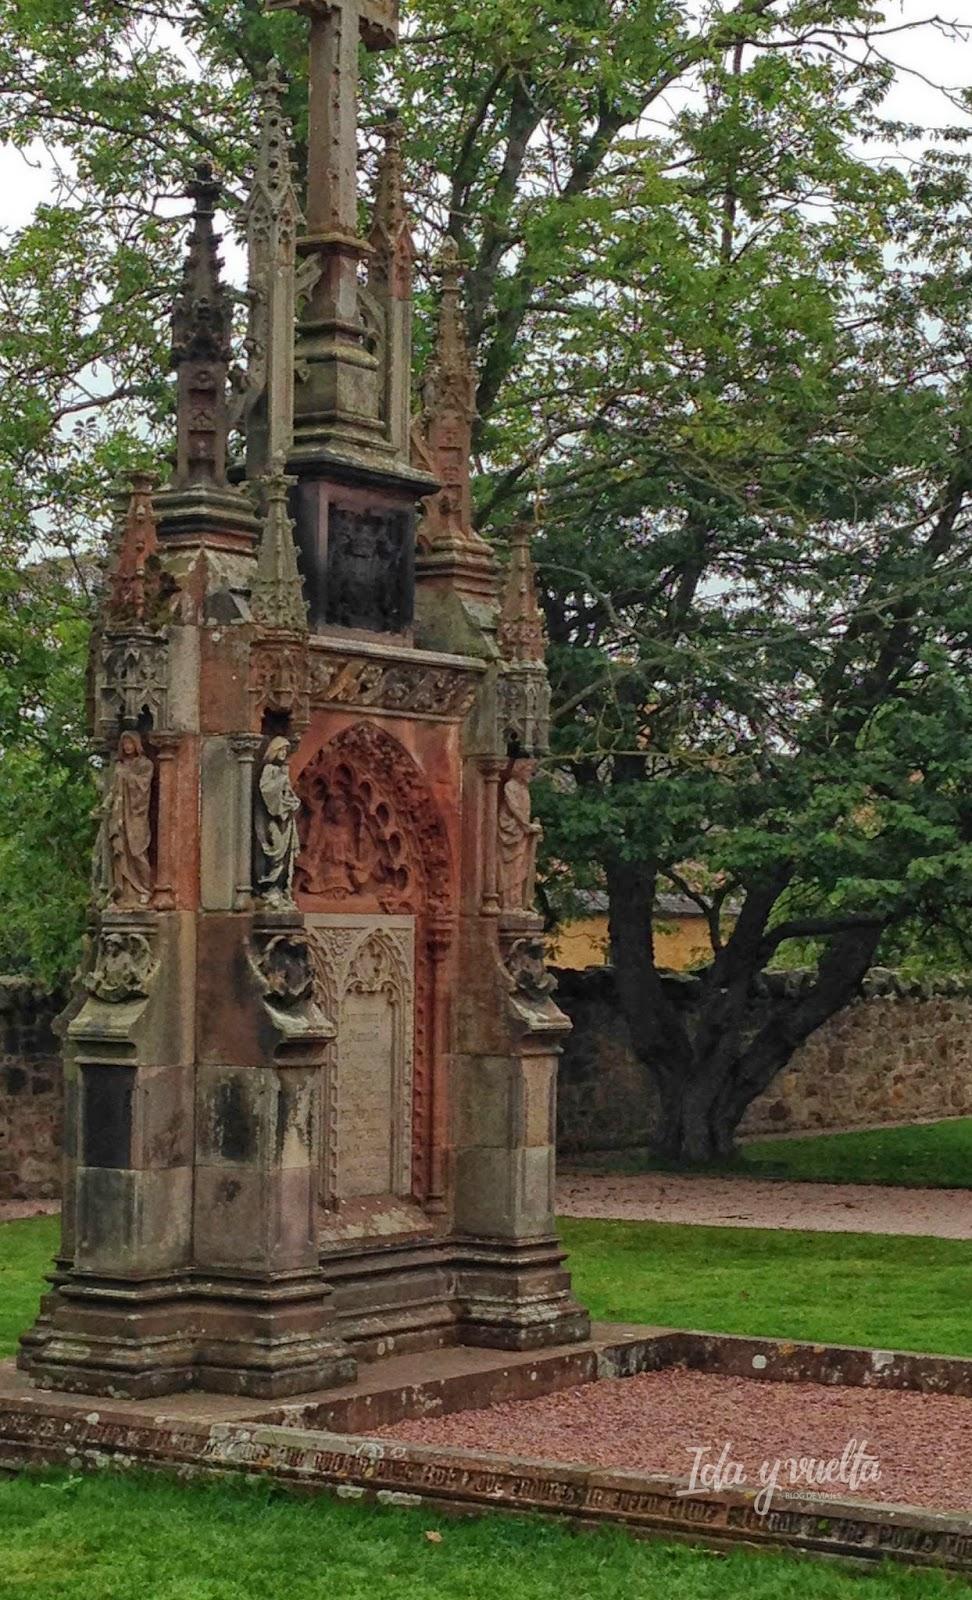 Monumento en Rossllyn